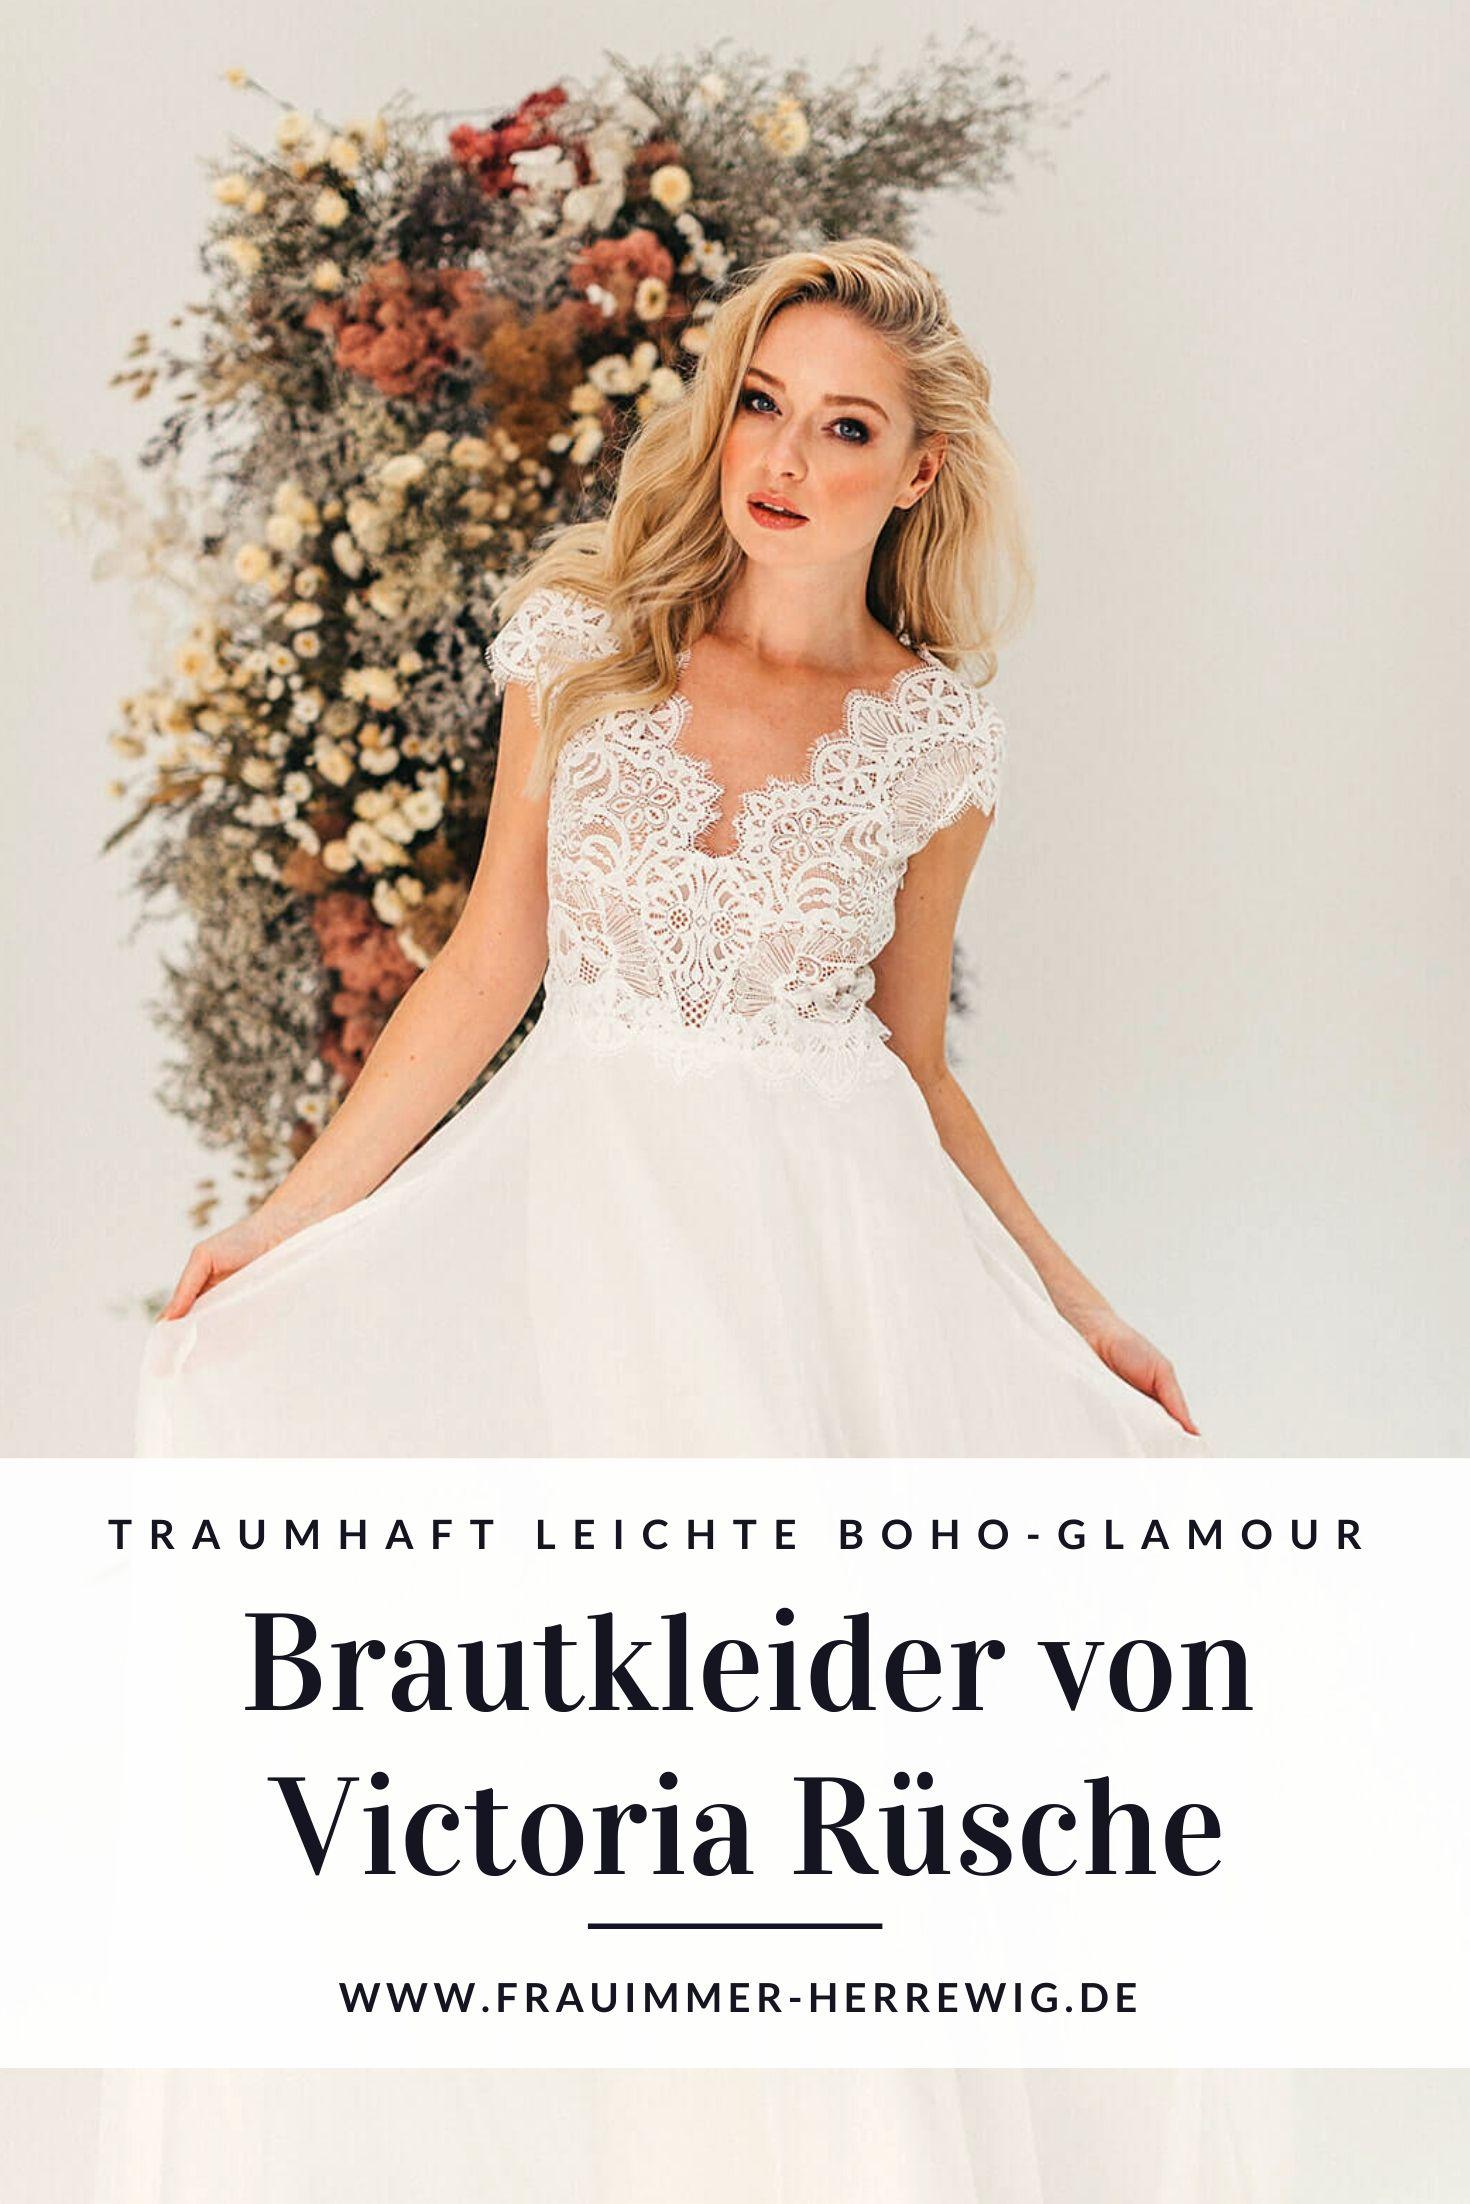 Brautkleider victoria ruesche – gesehen bei frauimmer-herrewig.de